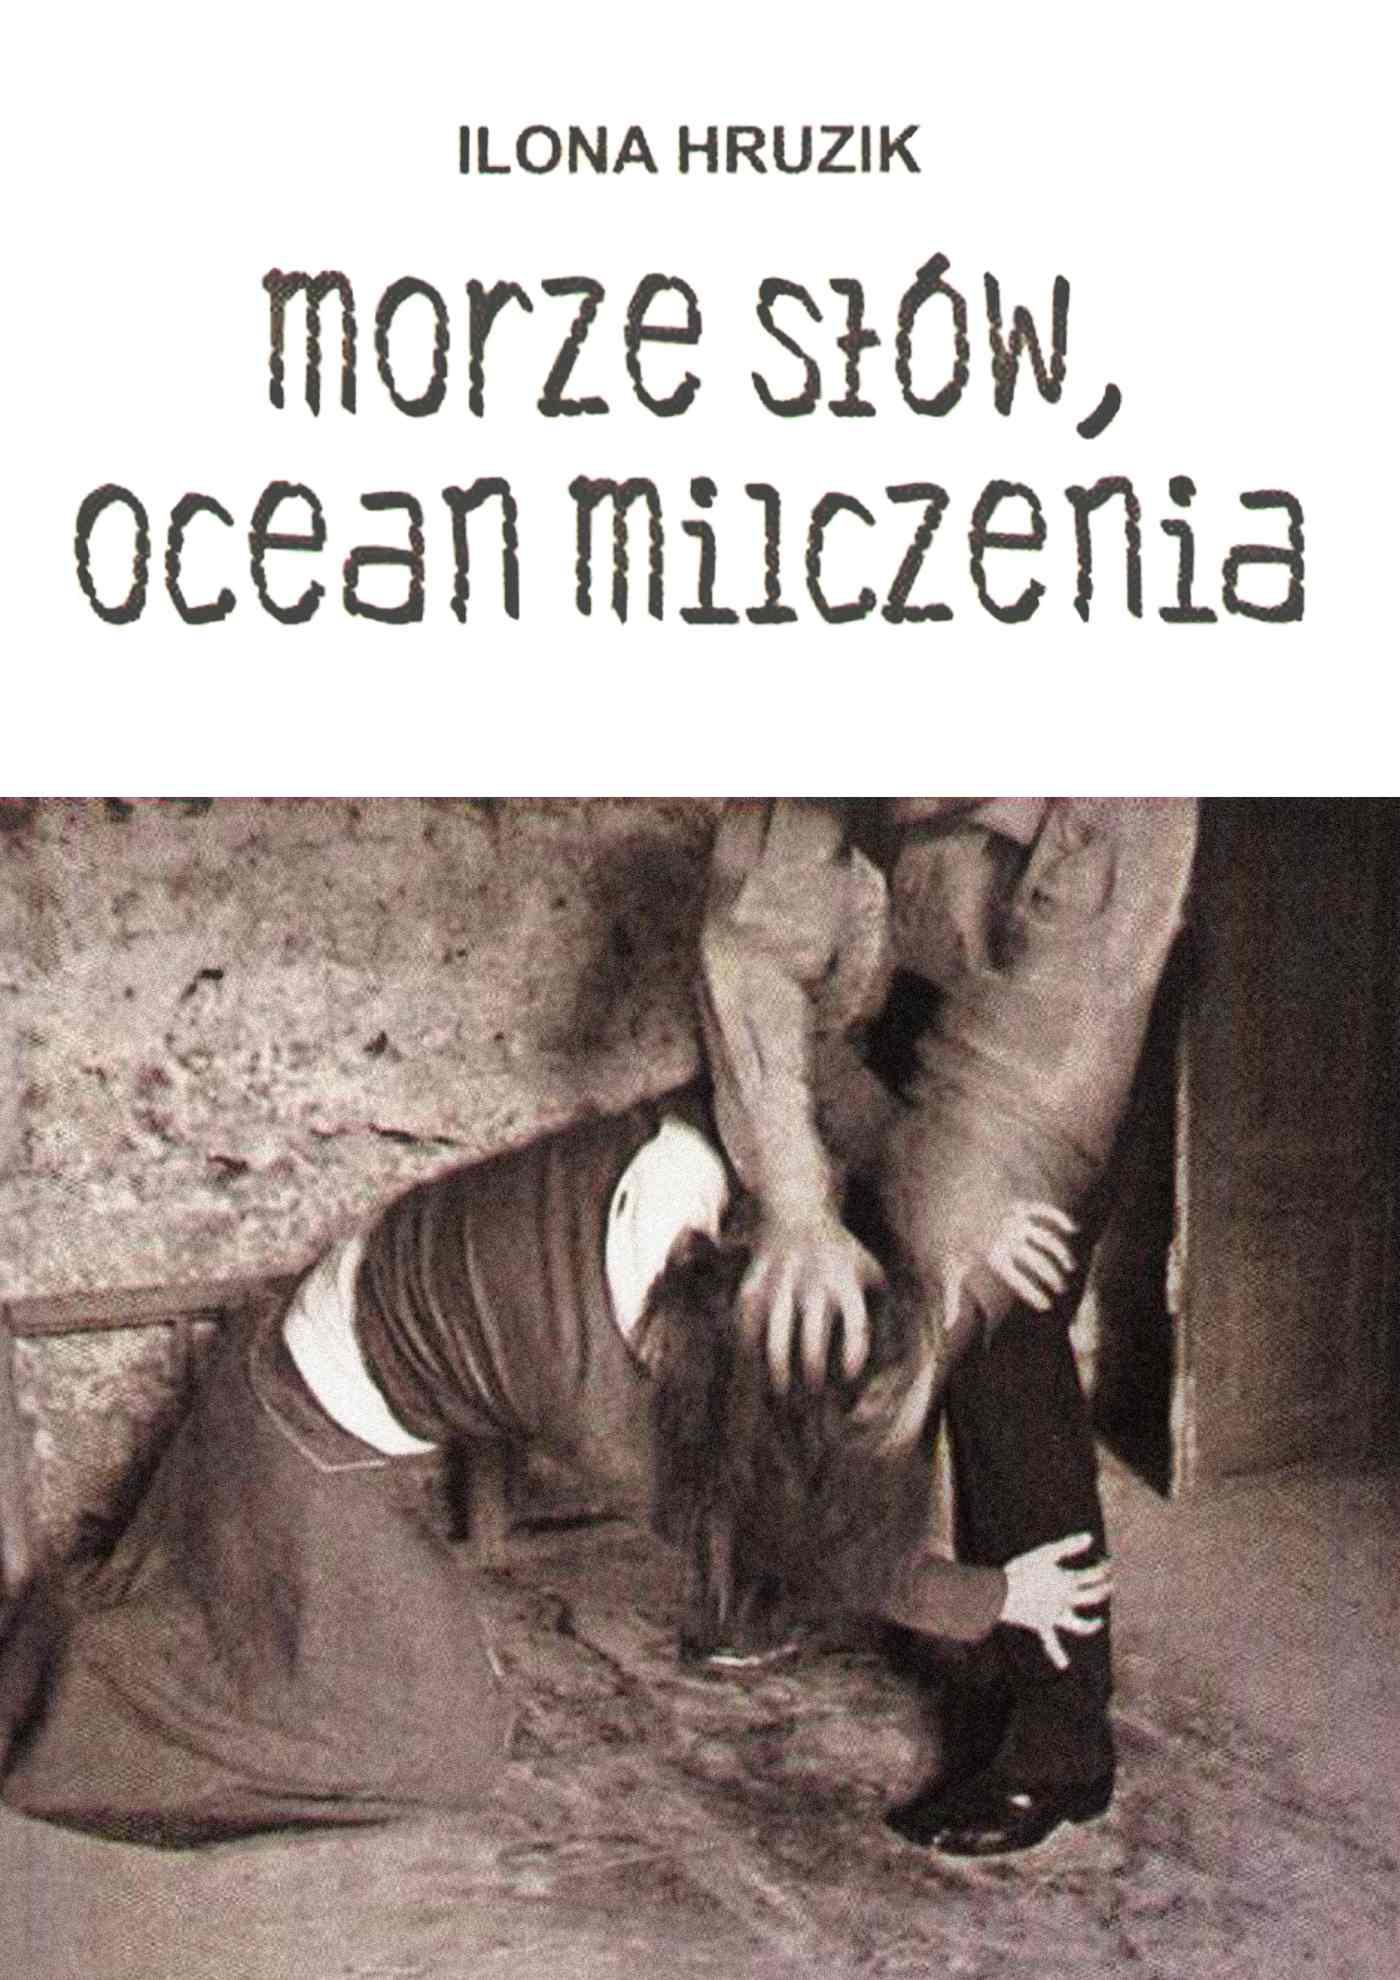 Morze słów, ocean milczenia - Ebook (Książka EPUB) do pobrania w formacie EPUB